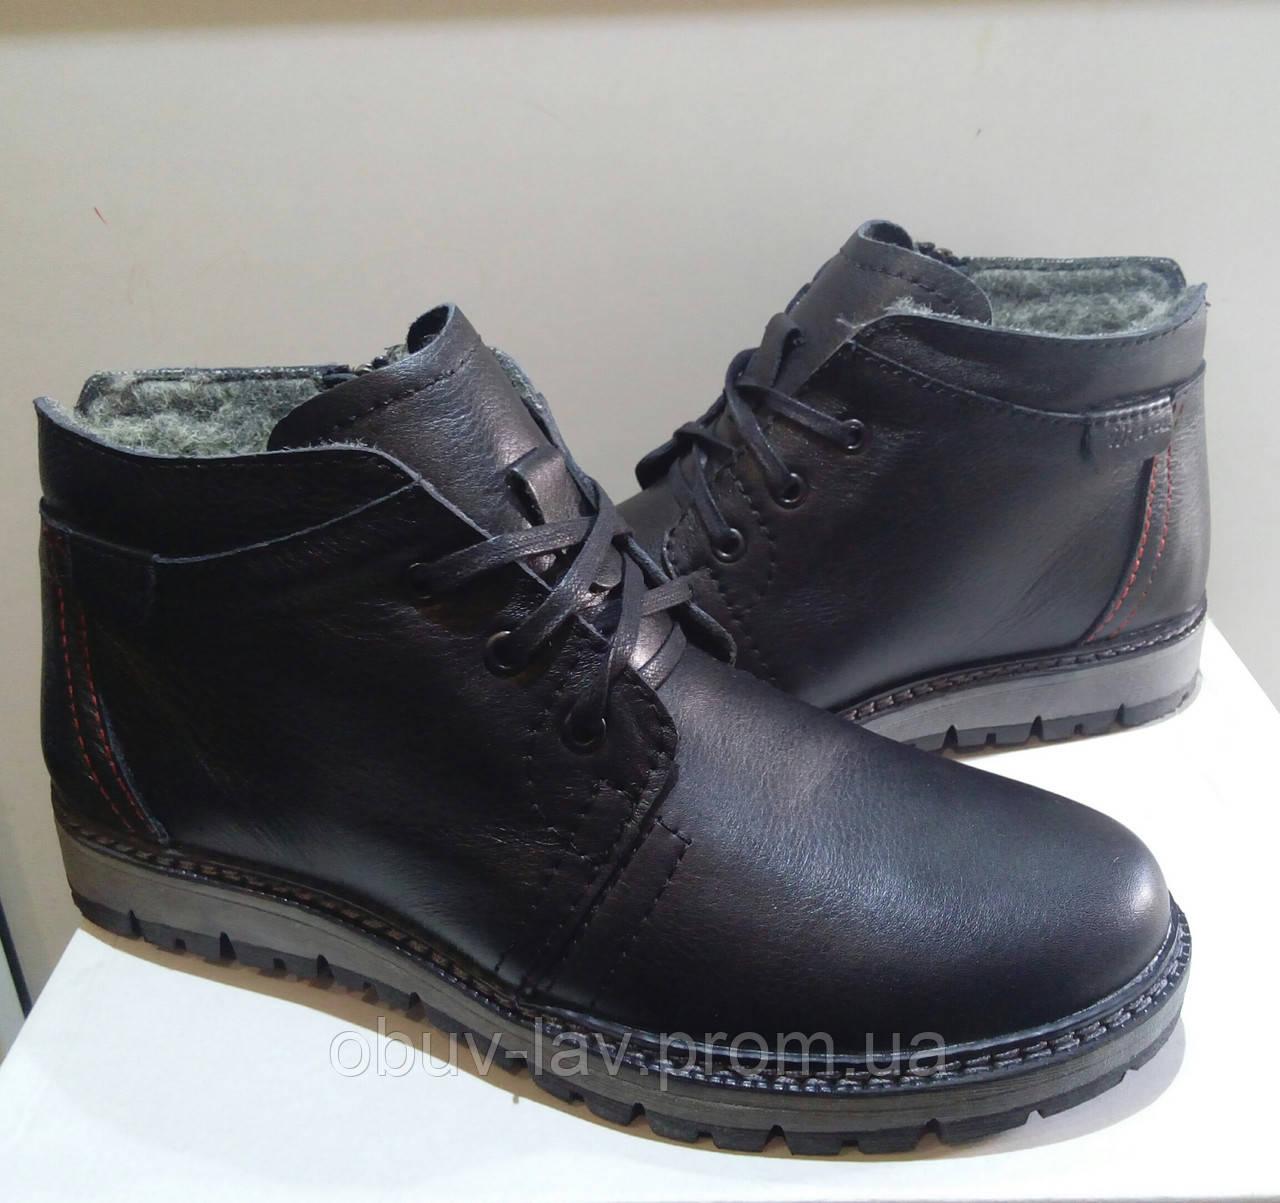 543602e0a Мужские зимние ботинки maxus чёрные: продажа, цена в Херсоне ...